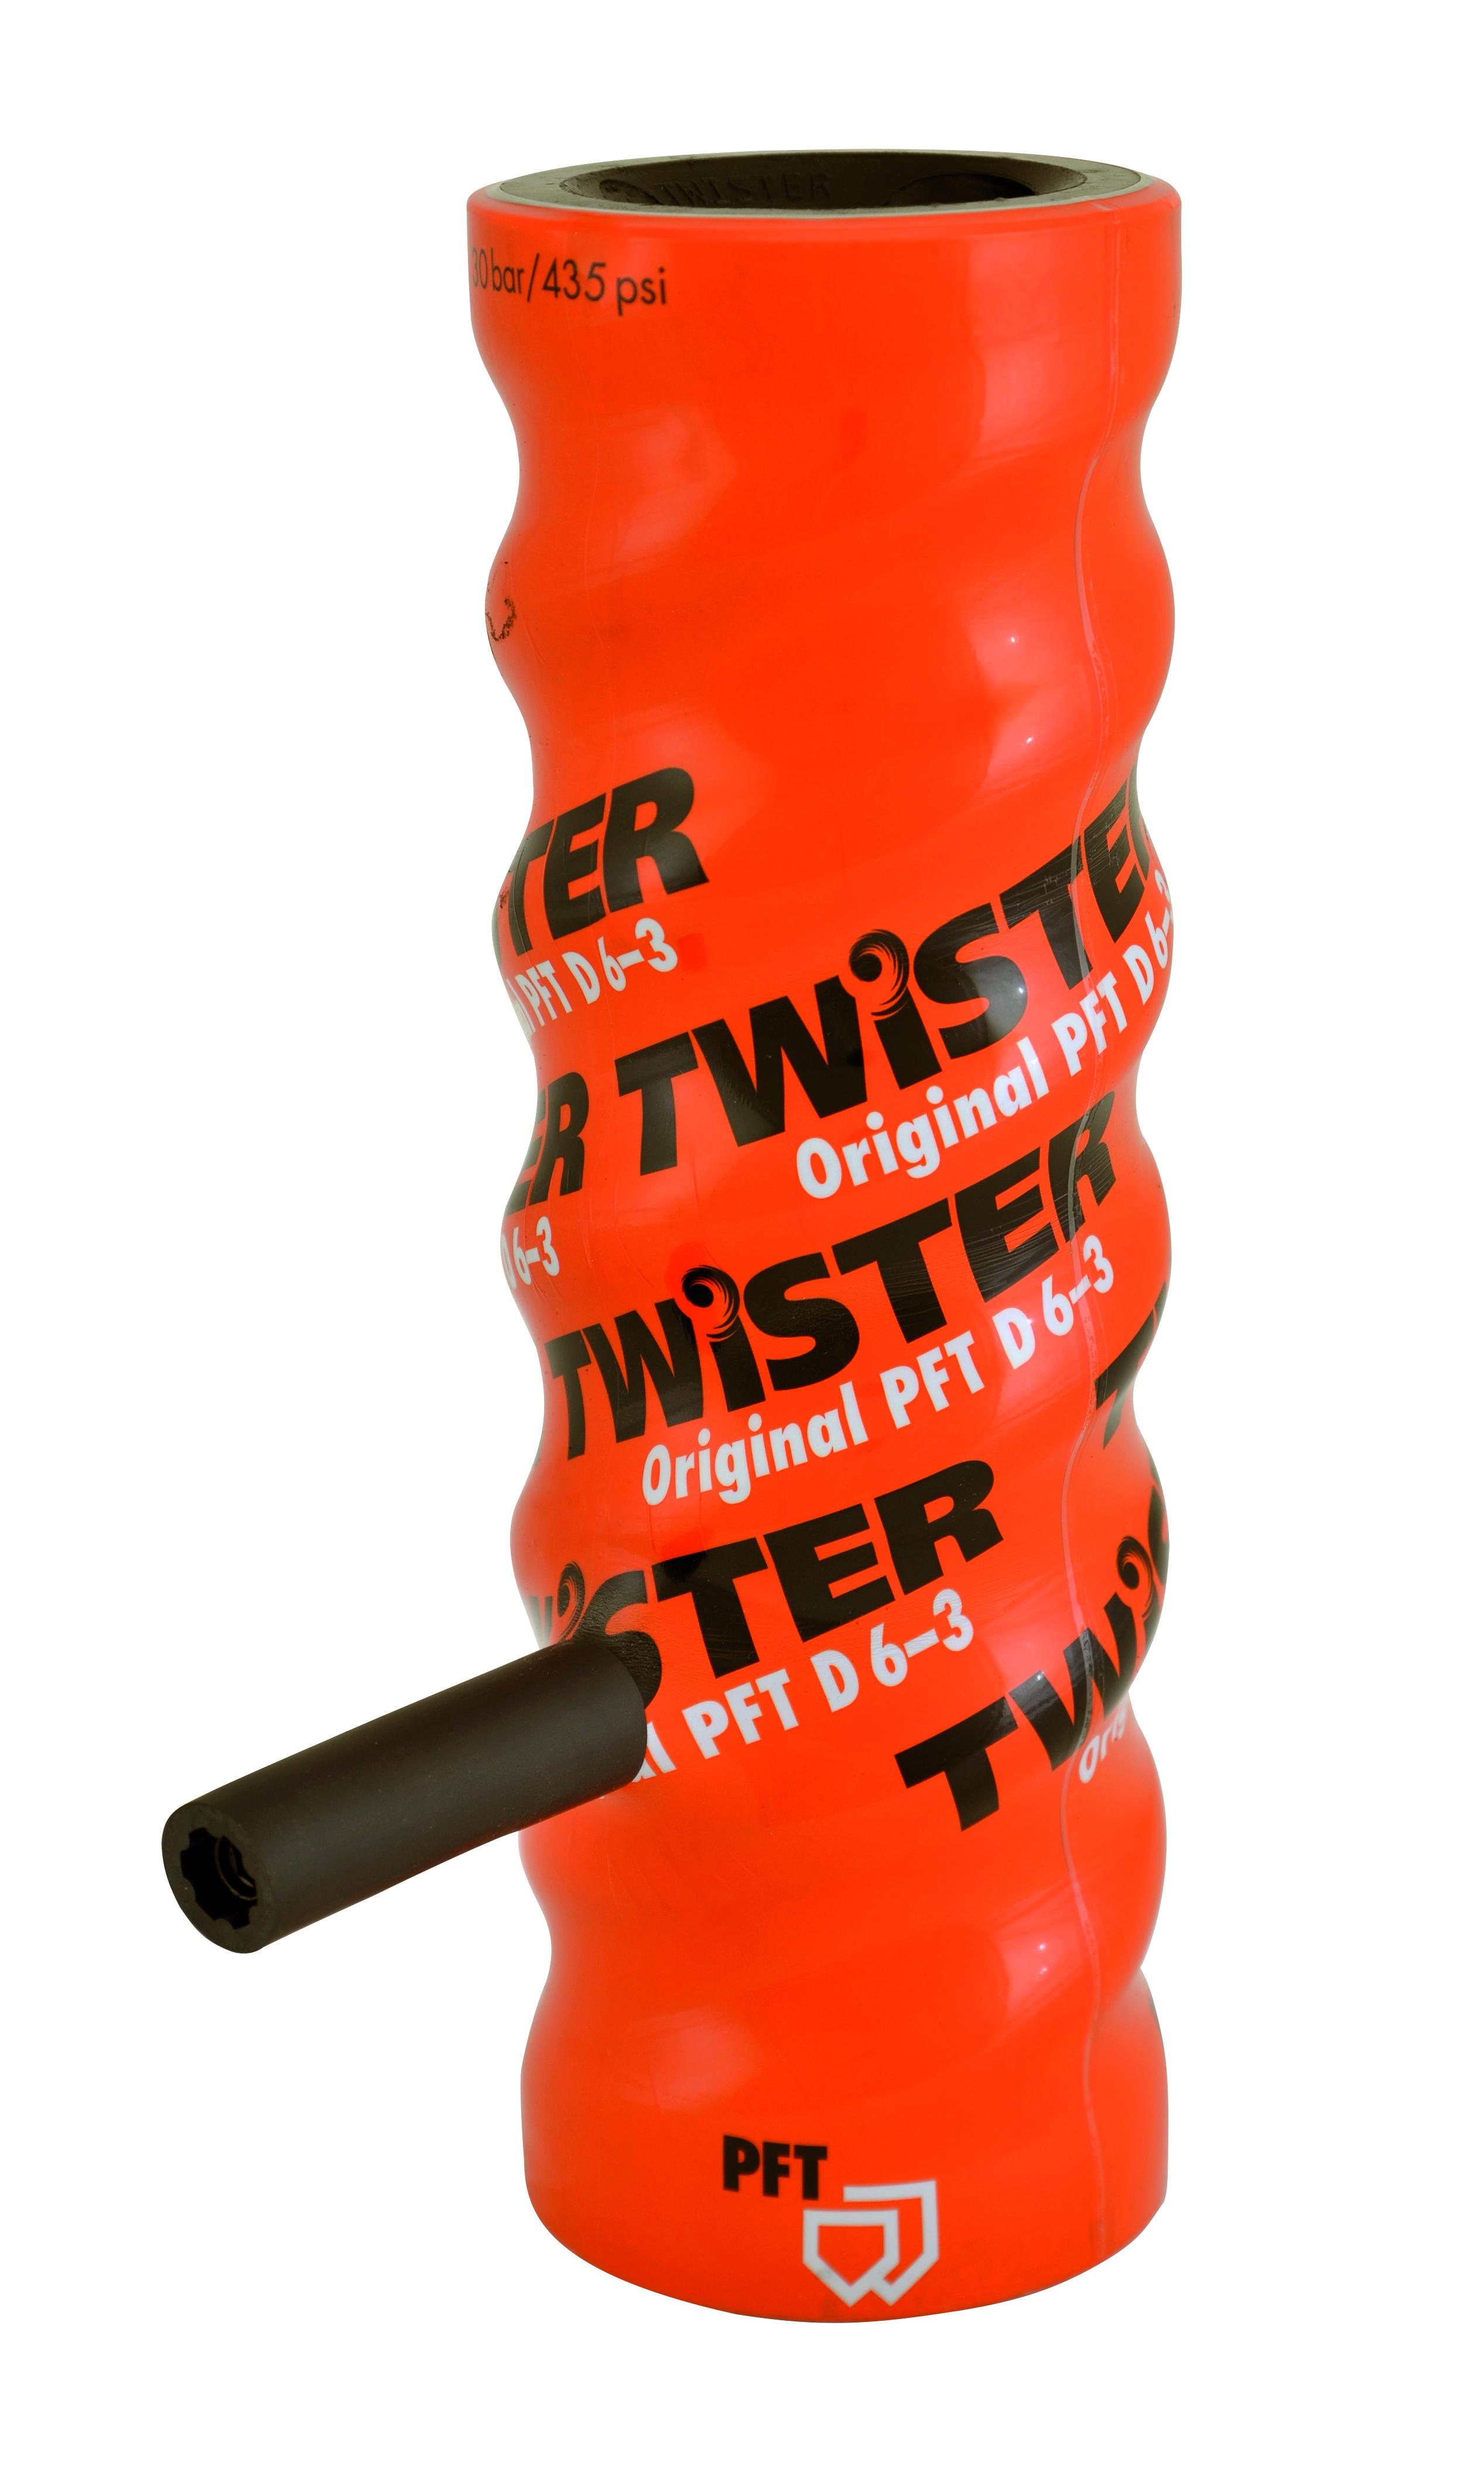 Stator-twister D6-3 PIN, PFT